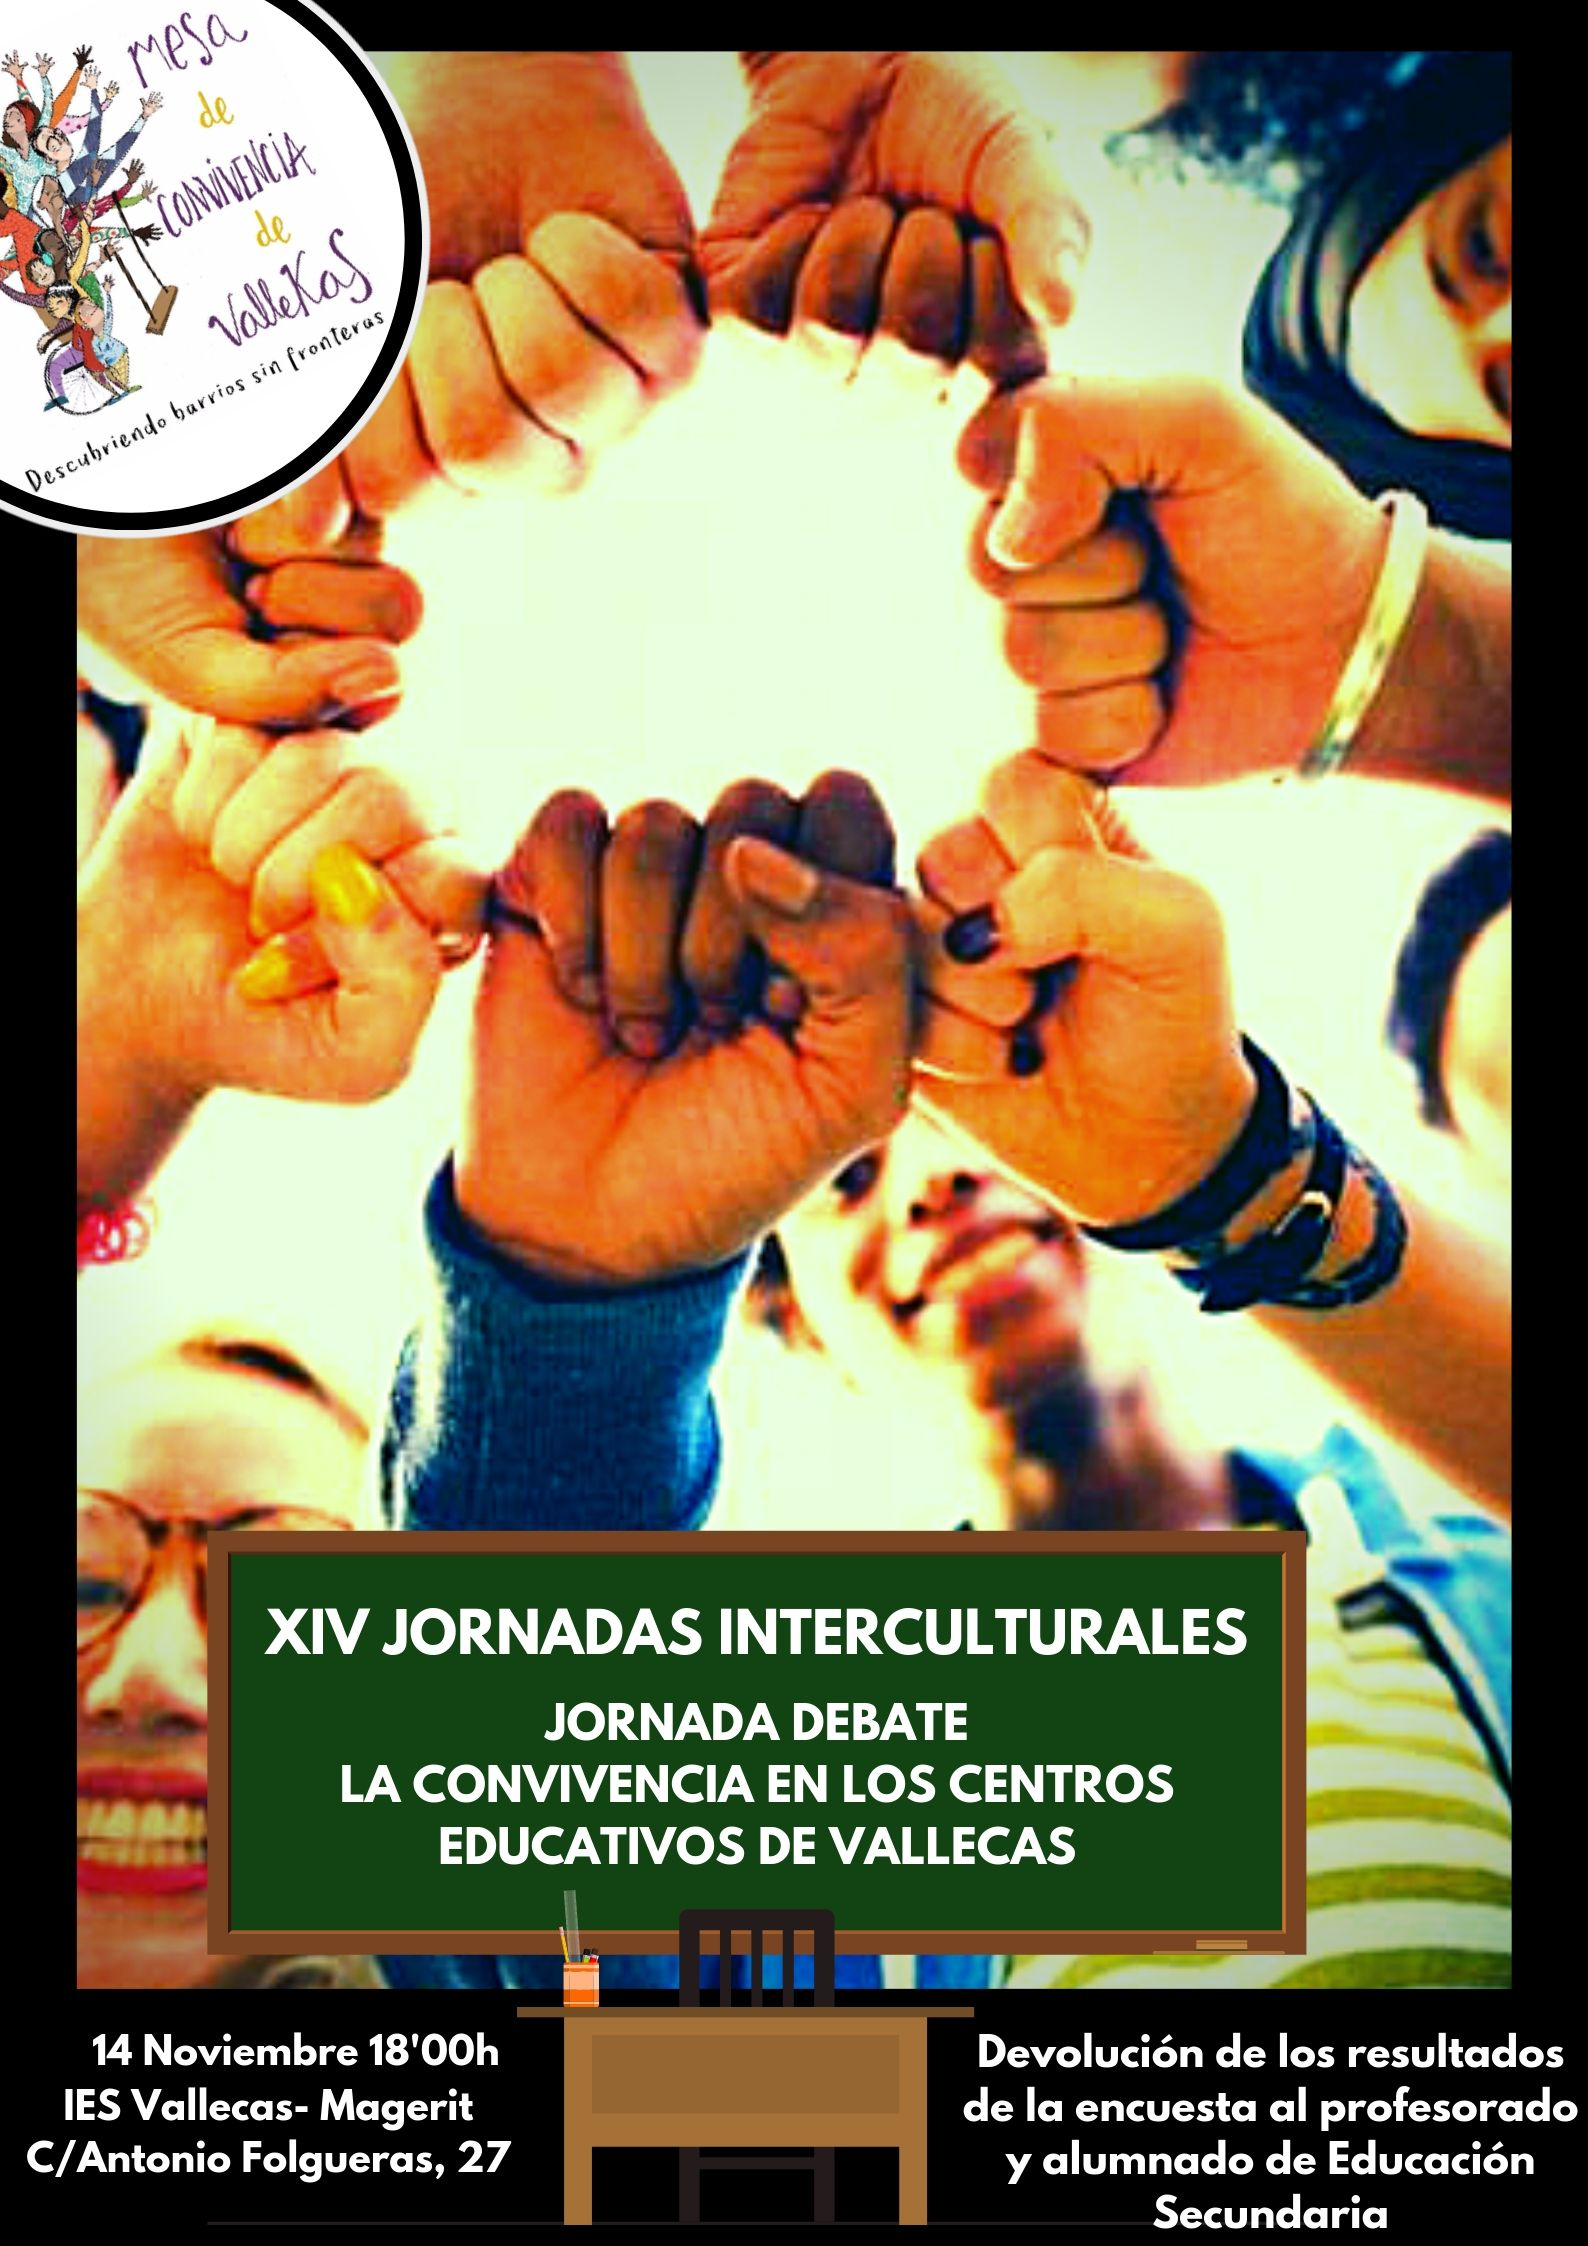 Jornadas interculturales_educaciónVallecas